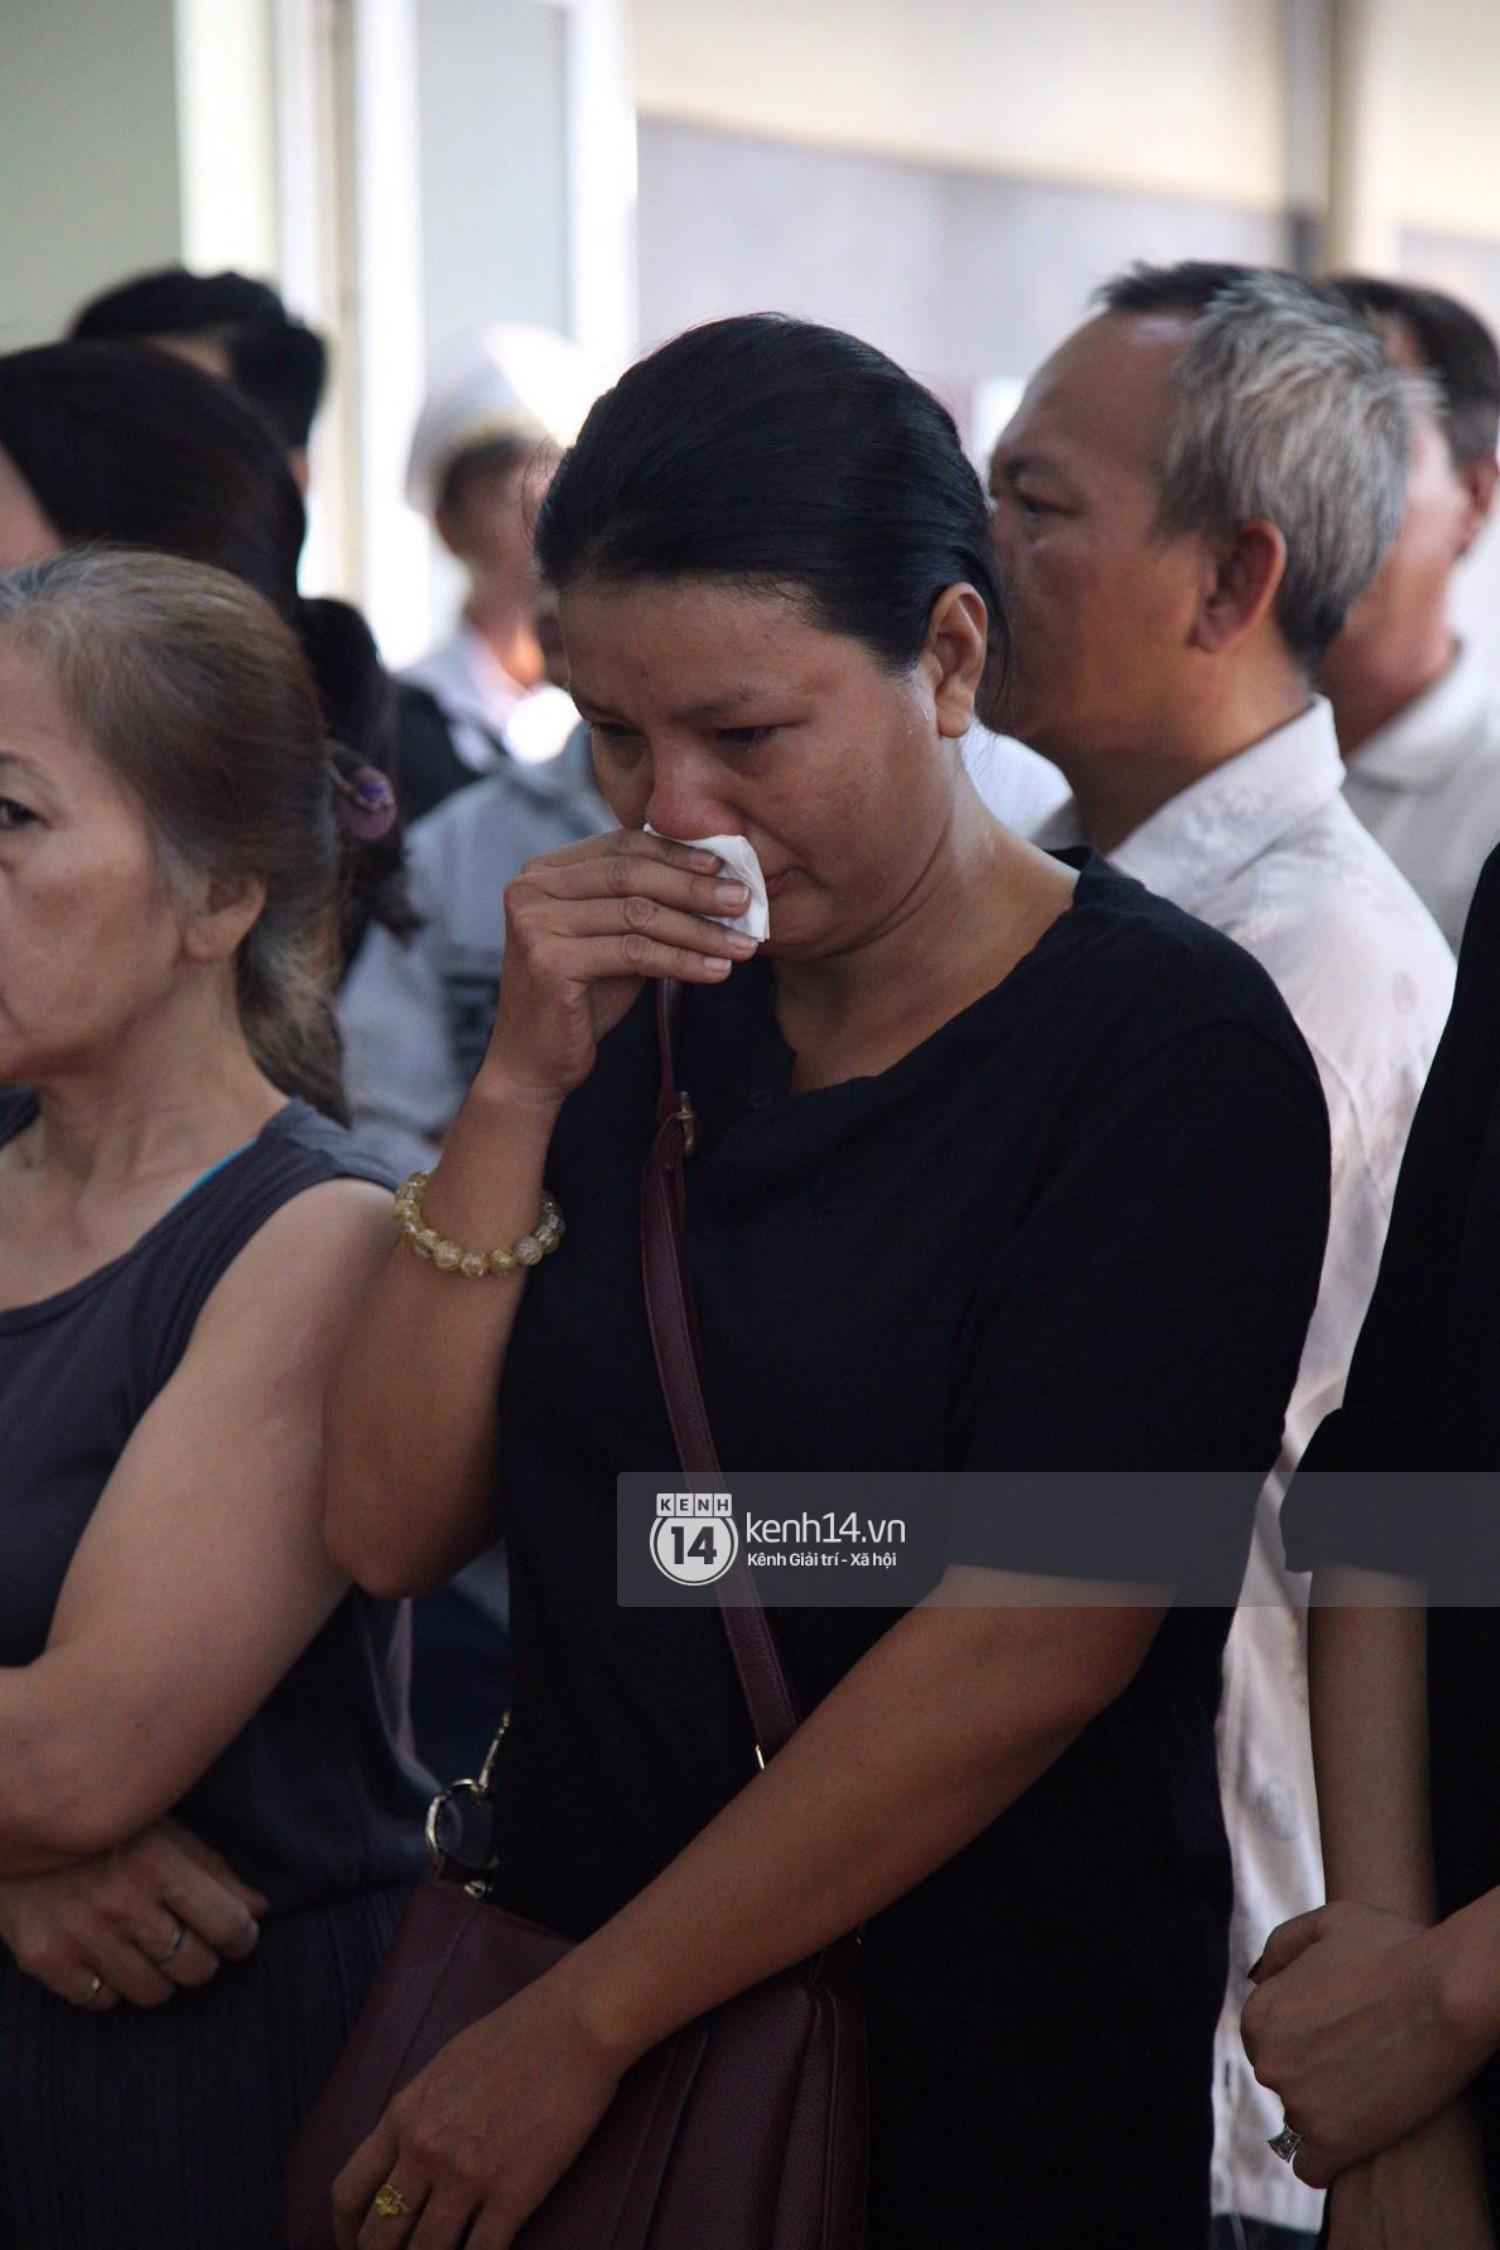 Gia đình, bạn bè đồng nghiệp xúc động bật khóc tiễn biệt cố nghệ sĩ Lê Bình về đất mẹ - Ảnh 5.